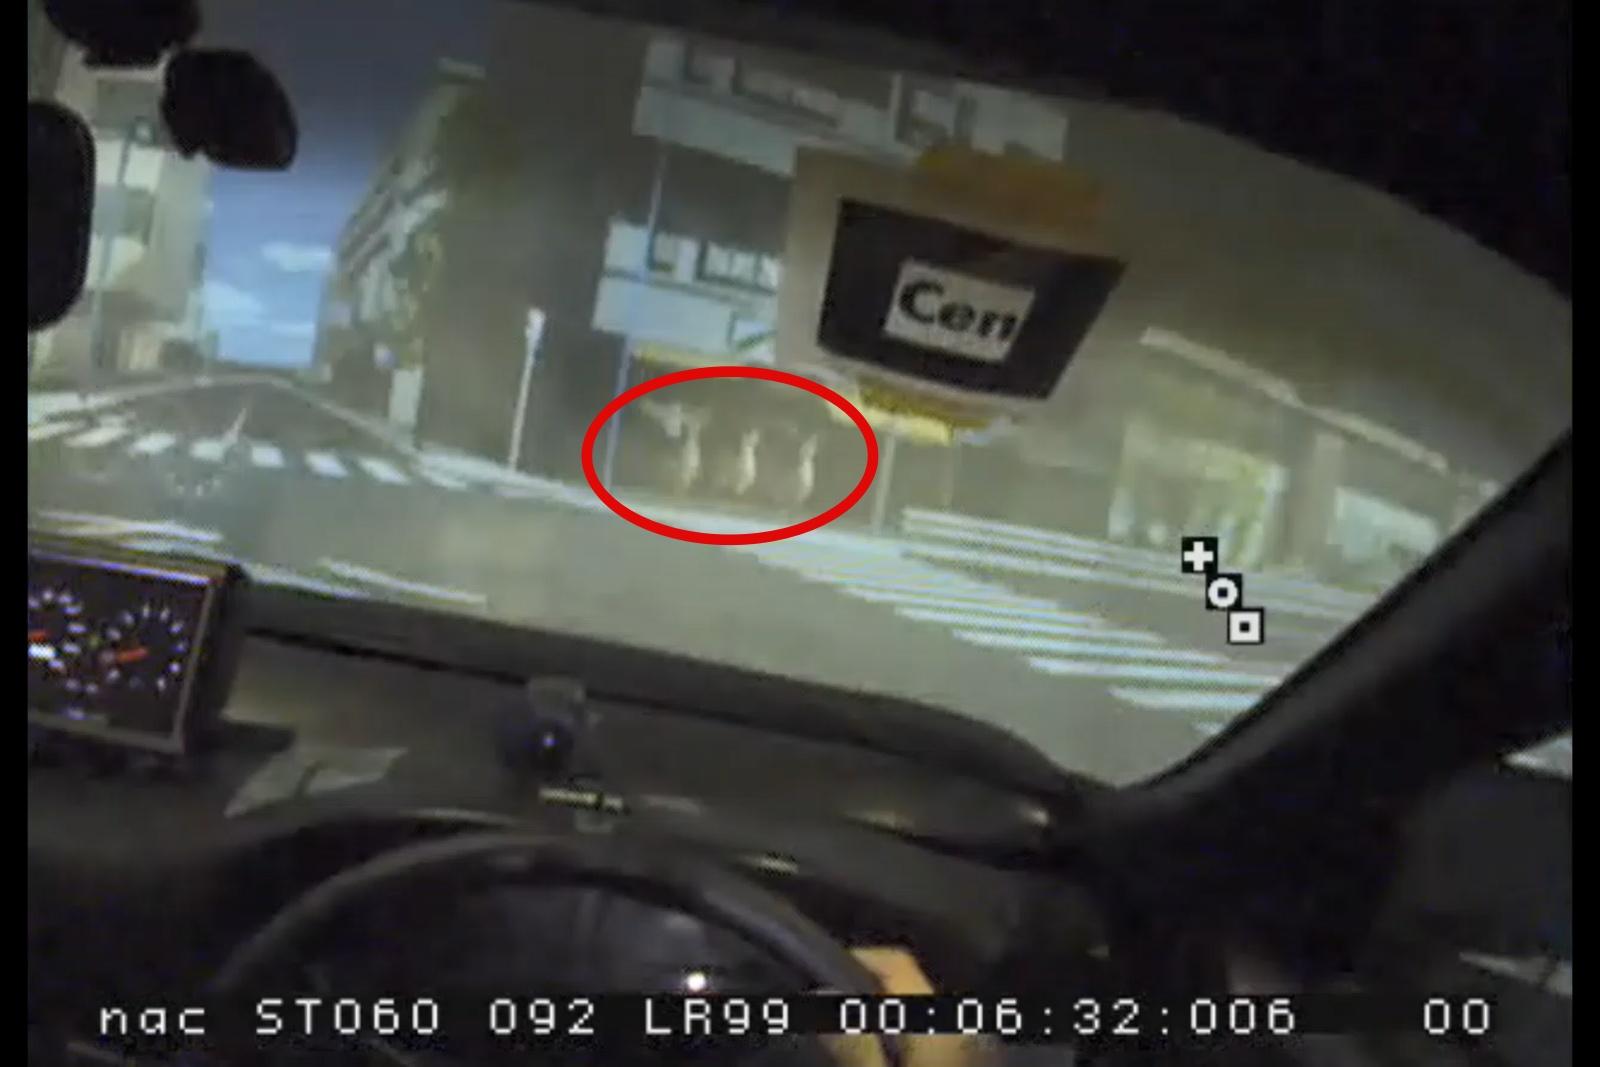 ドライブシミュレーターによる検証映像の切り抜き